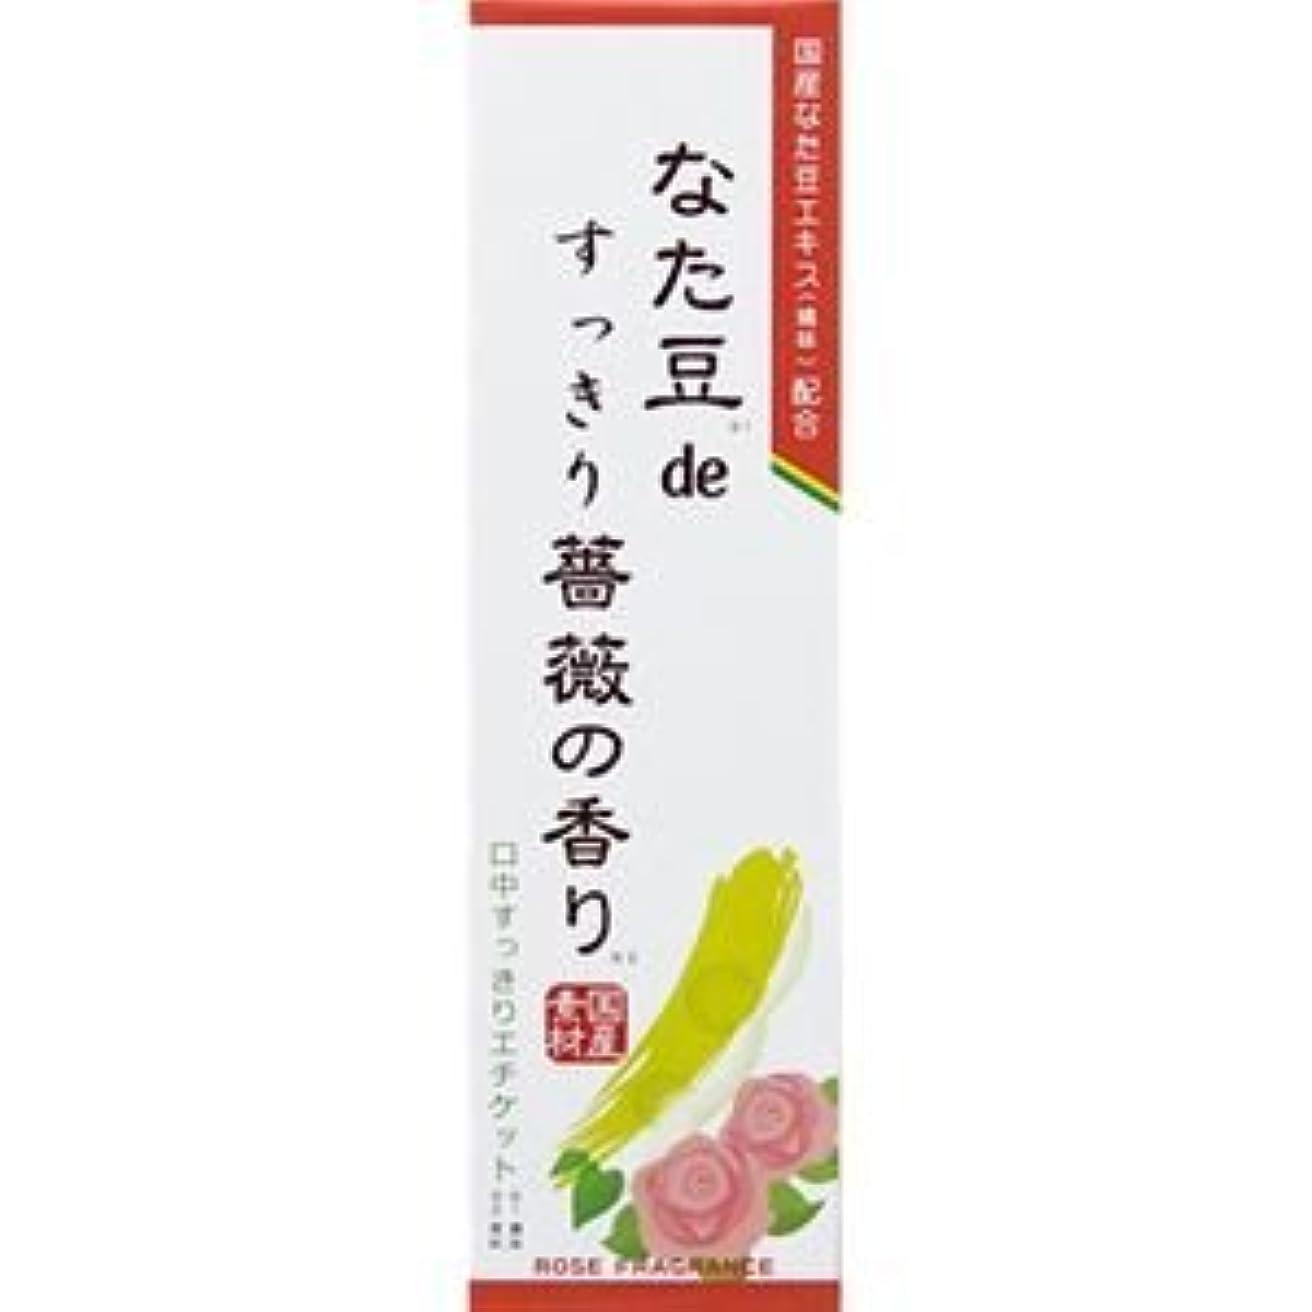 バウンド無一文極端な(まとめ買い)なた豆deすっきり薔薇の香り 120g×3セット